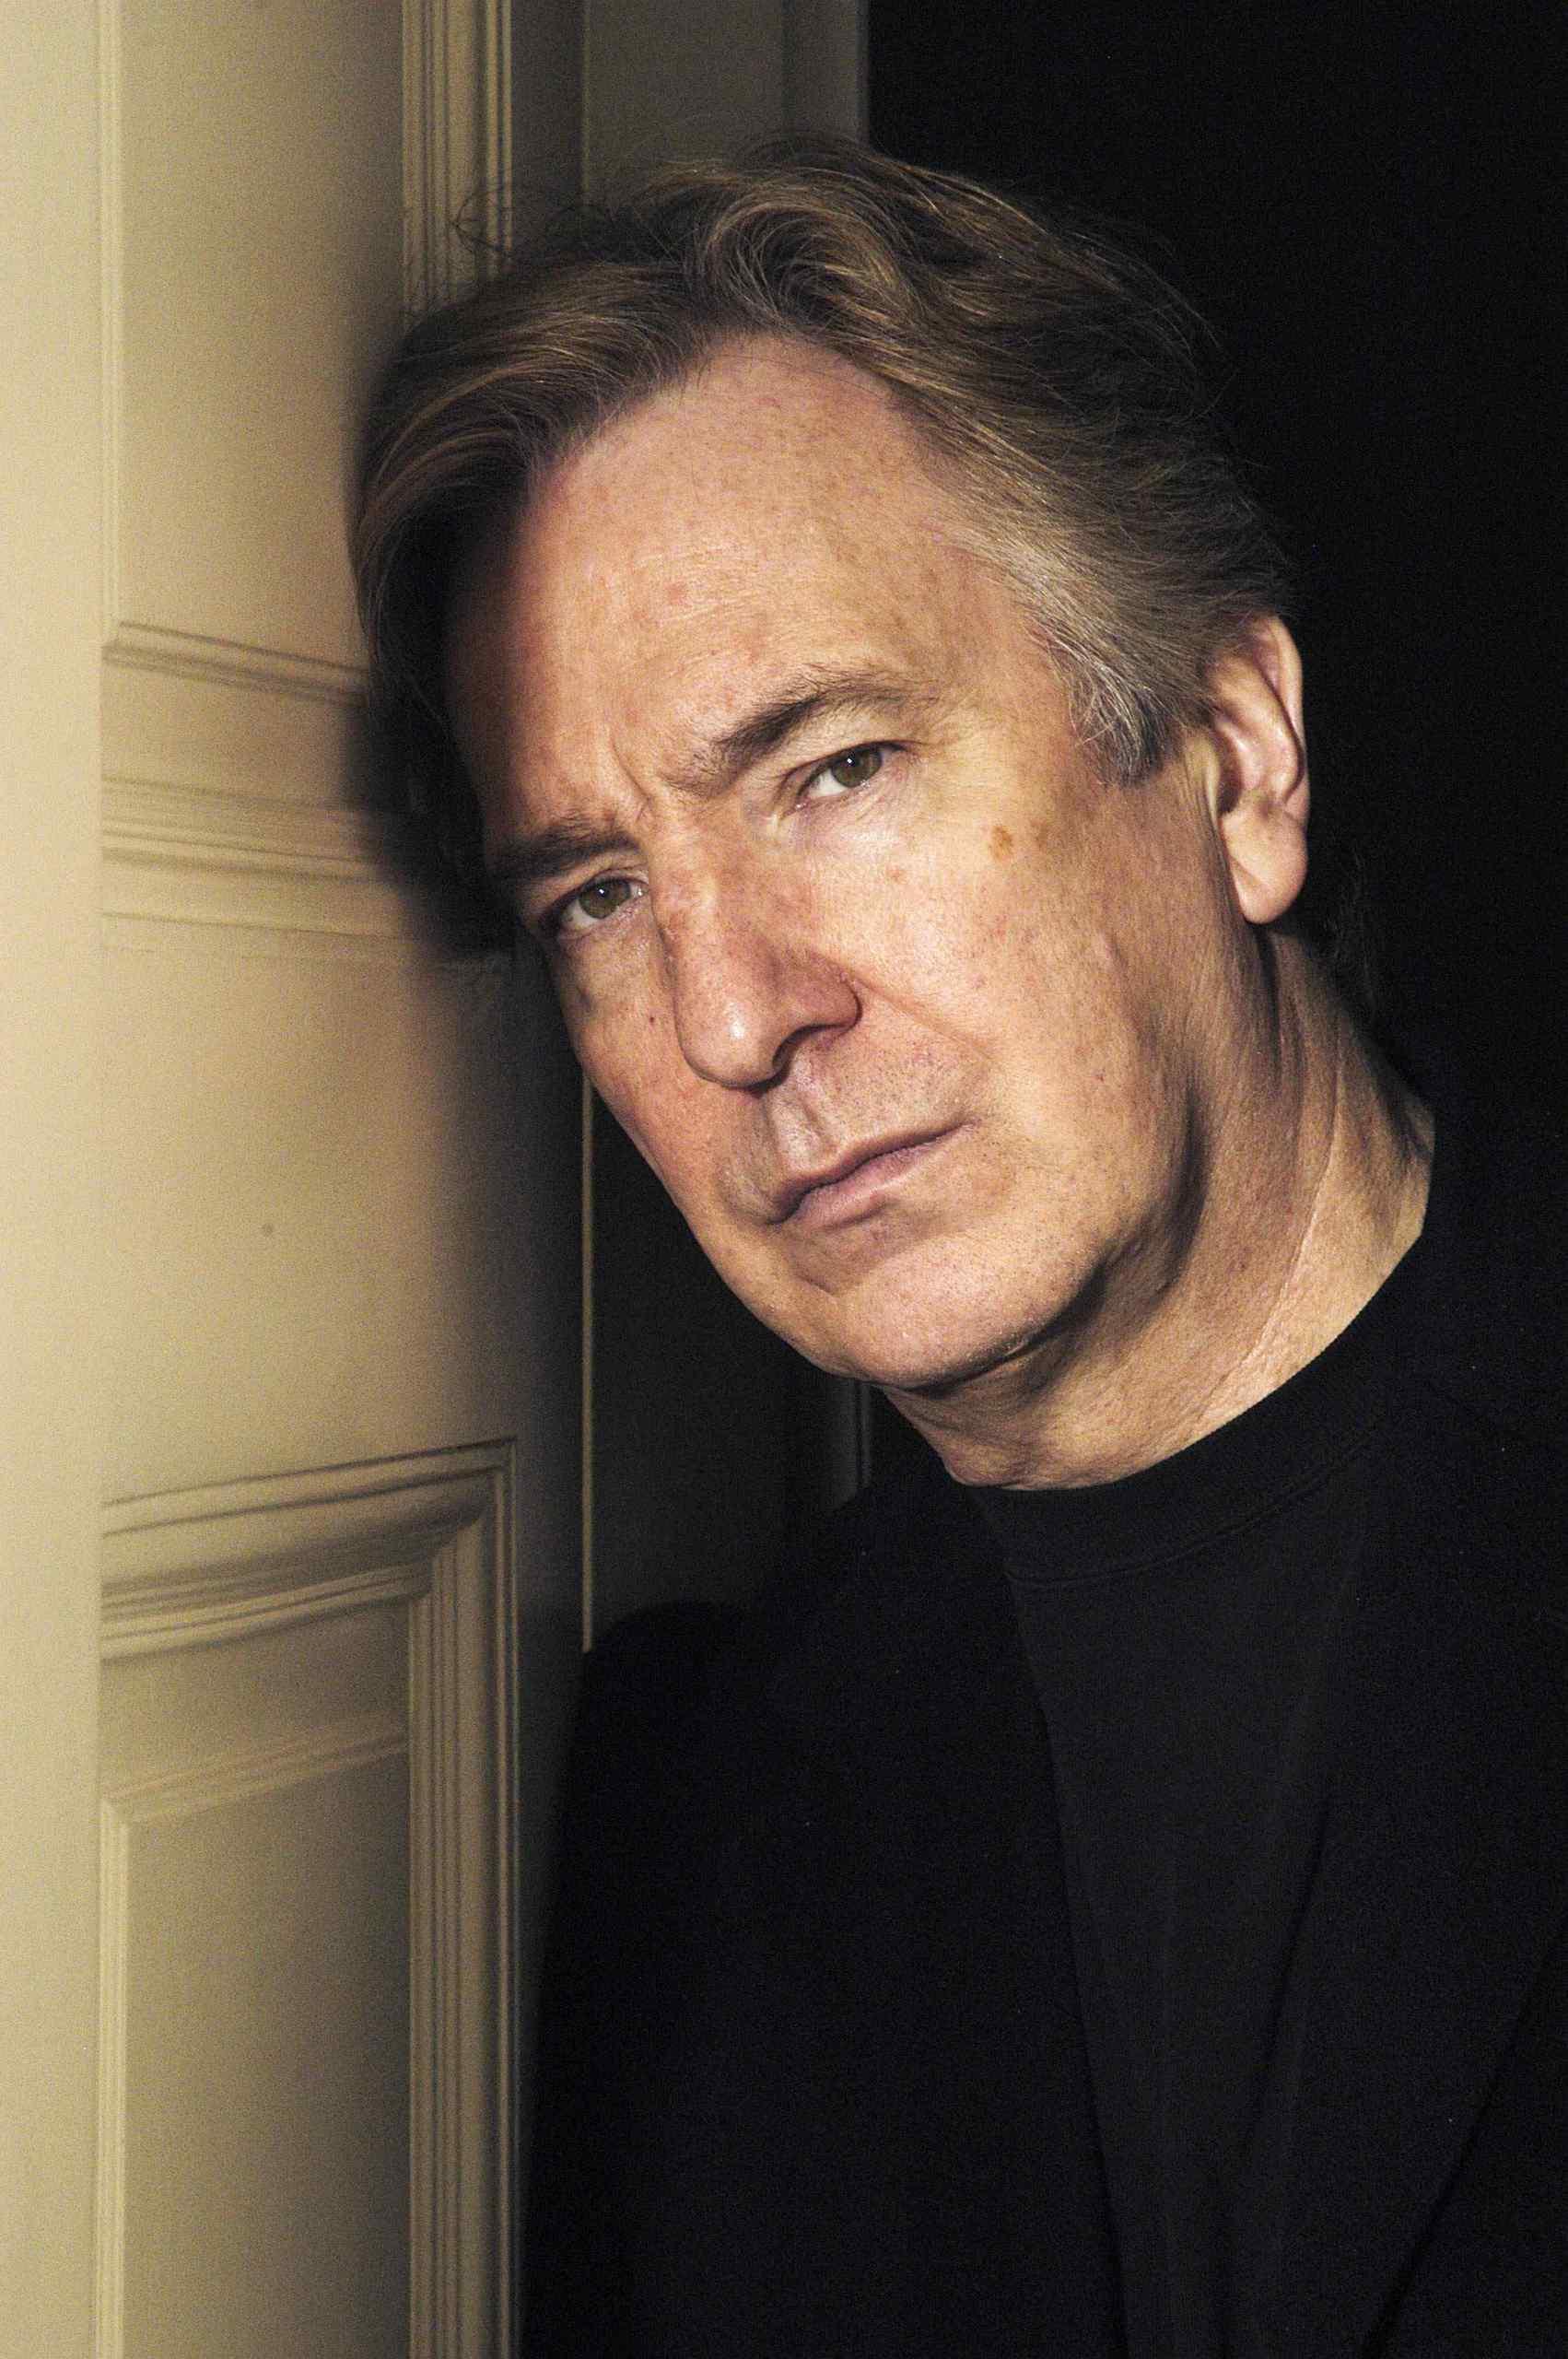 NPG x46612; Alan Rickman - Portrait - National Portrait